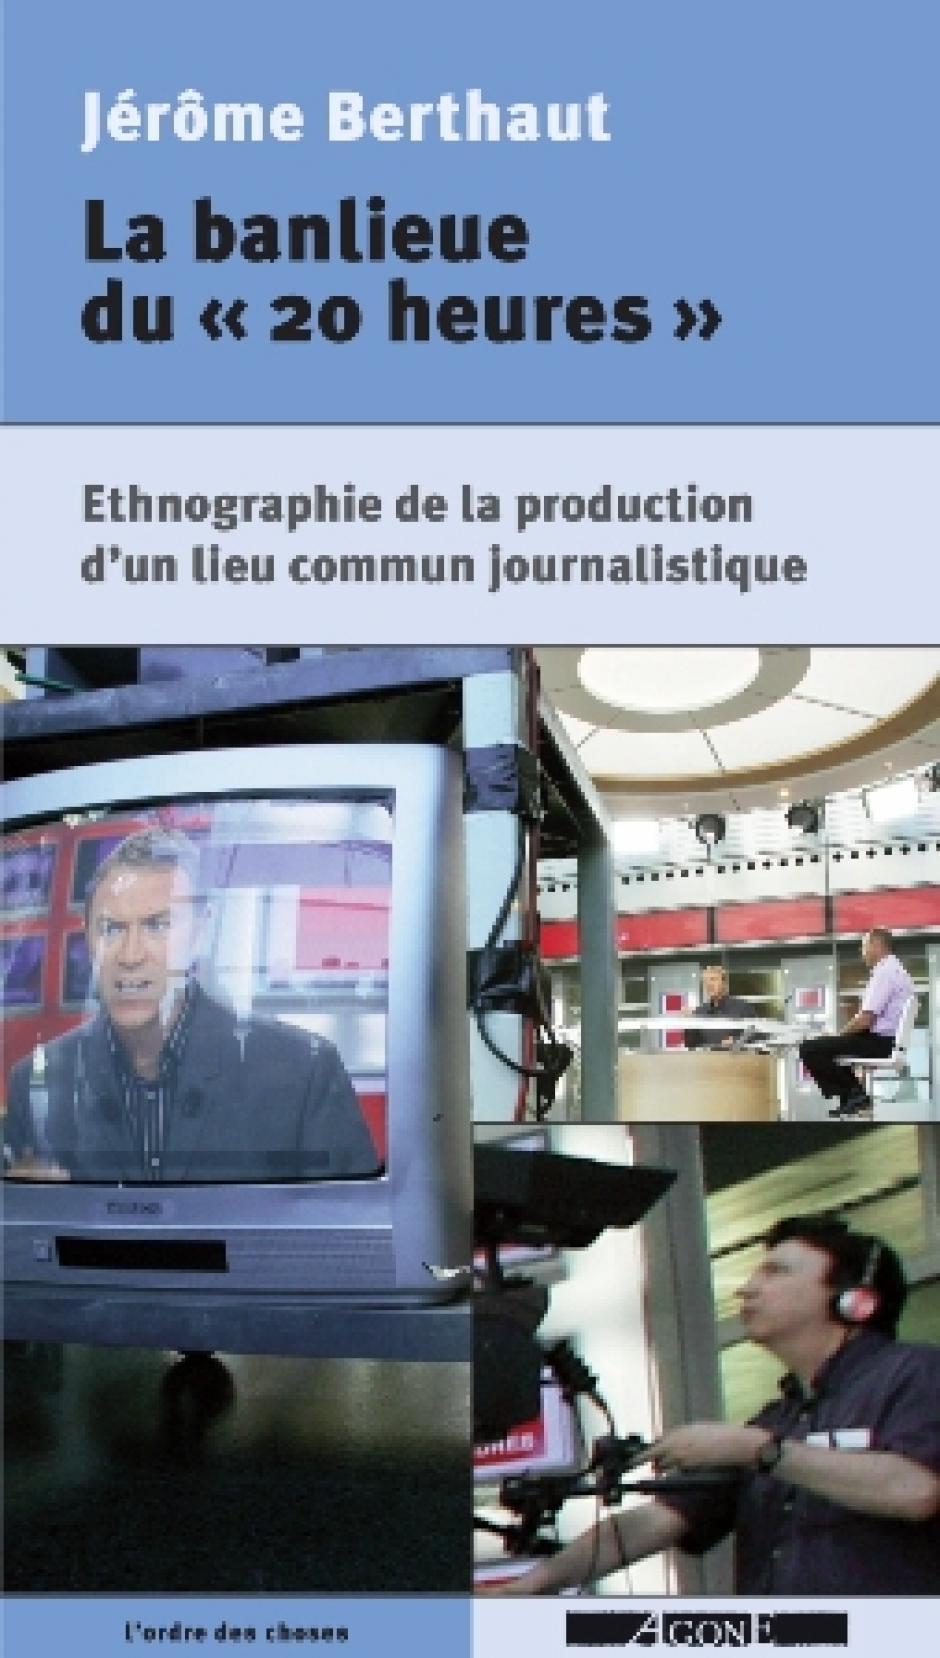 Les conditions du travail journalistique façonnent une vision du monde, Entretien avec Jérôme Berthaut*